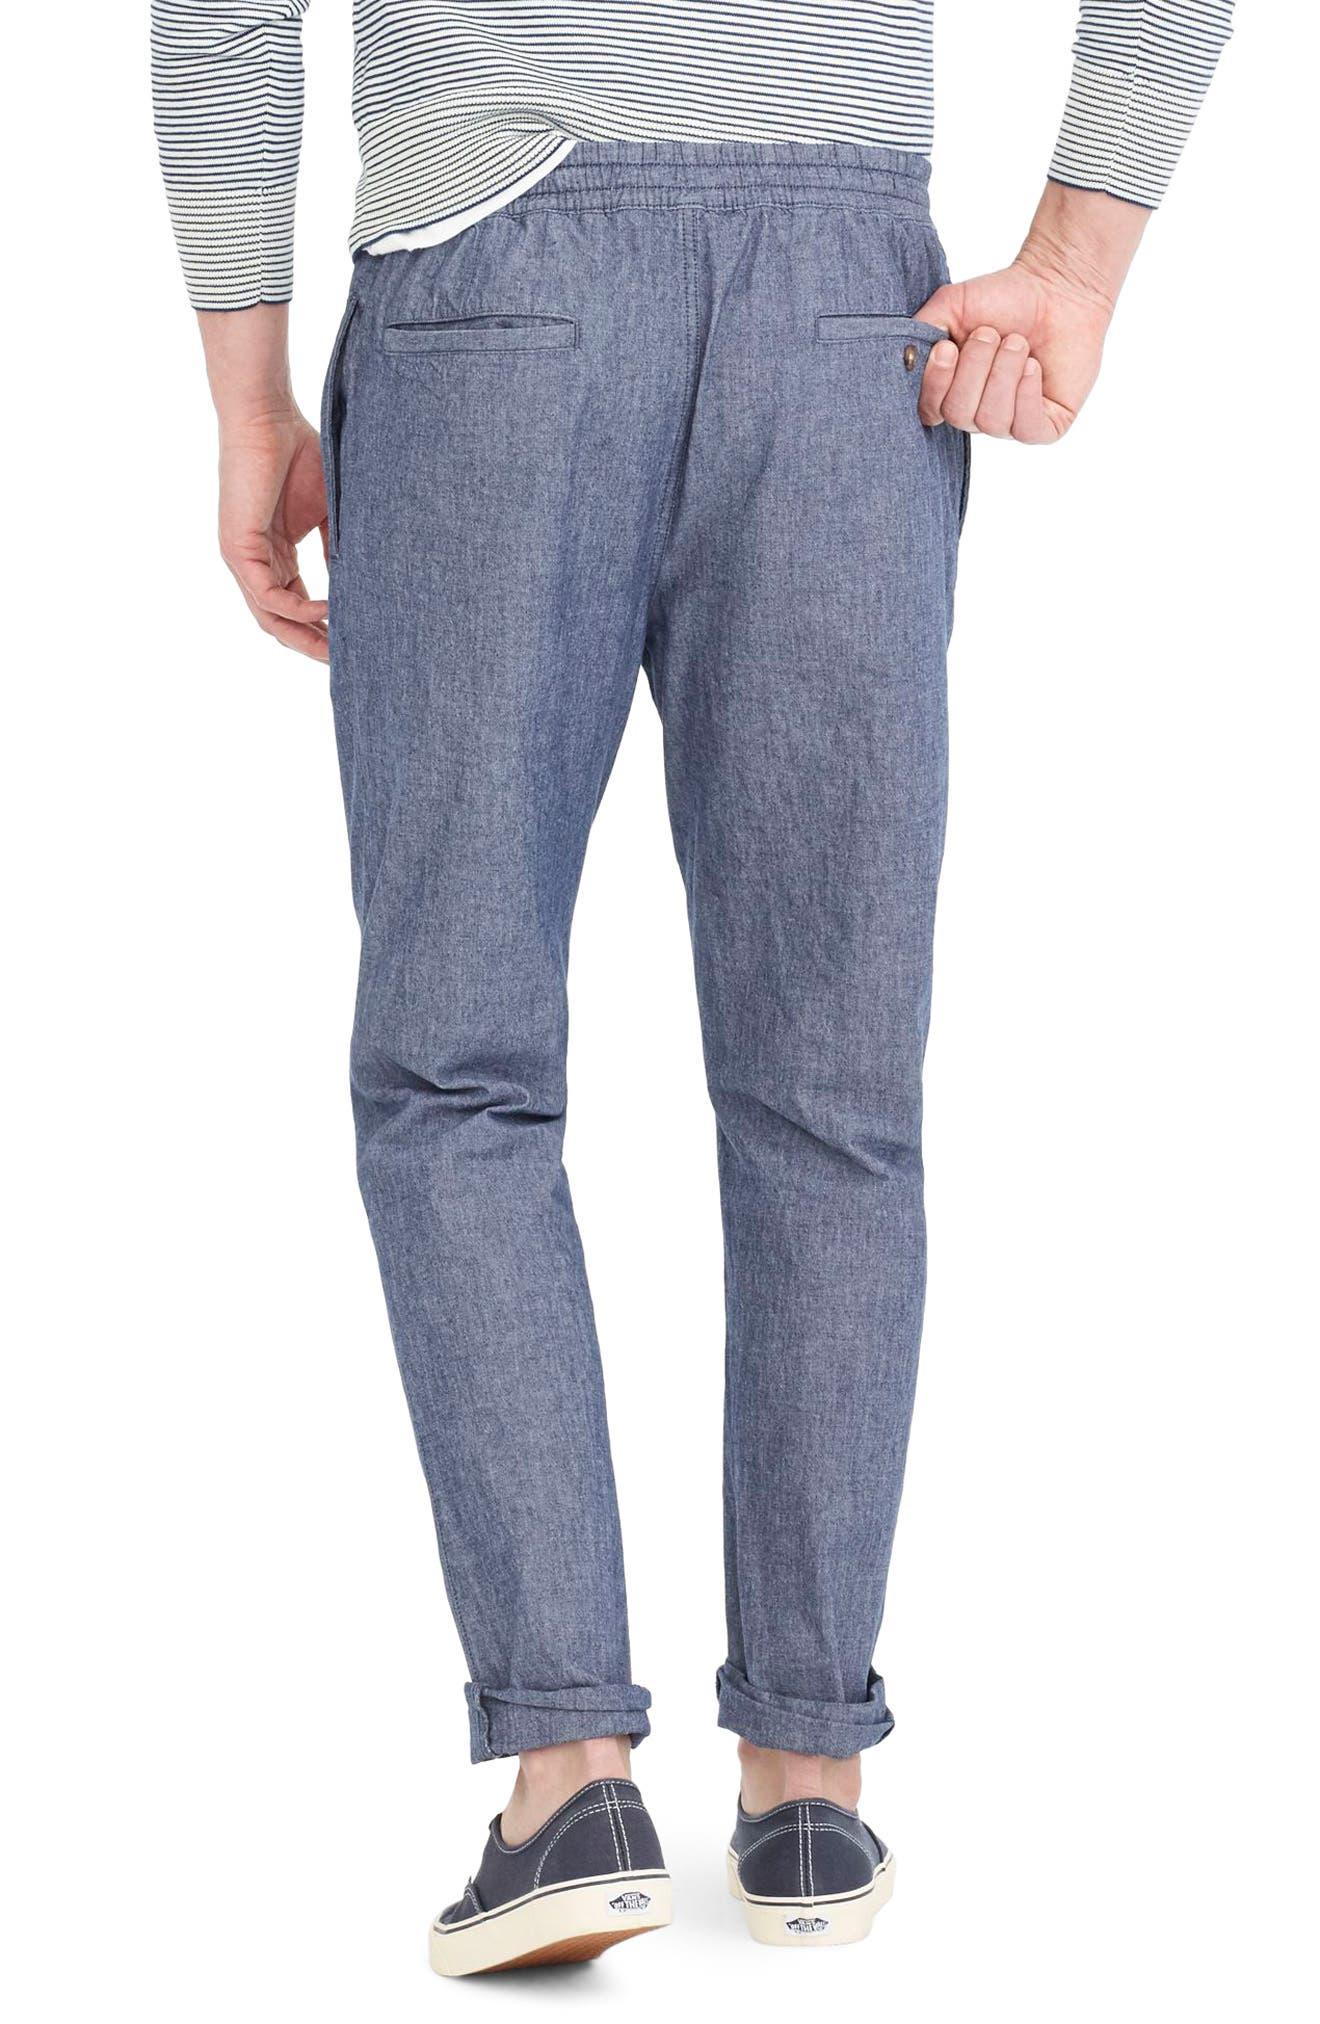 Chambray Drawstring Pants,                             Alternate thumbnail 2, color,                             402